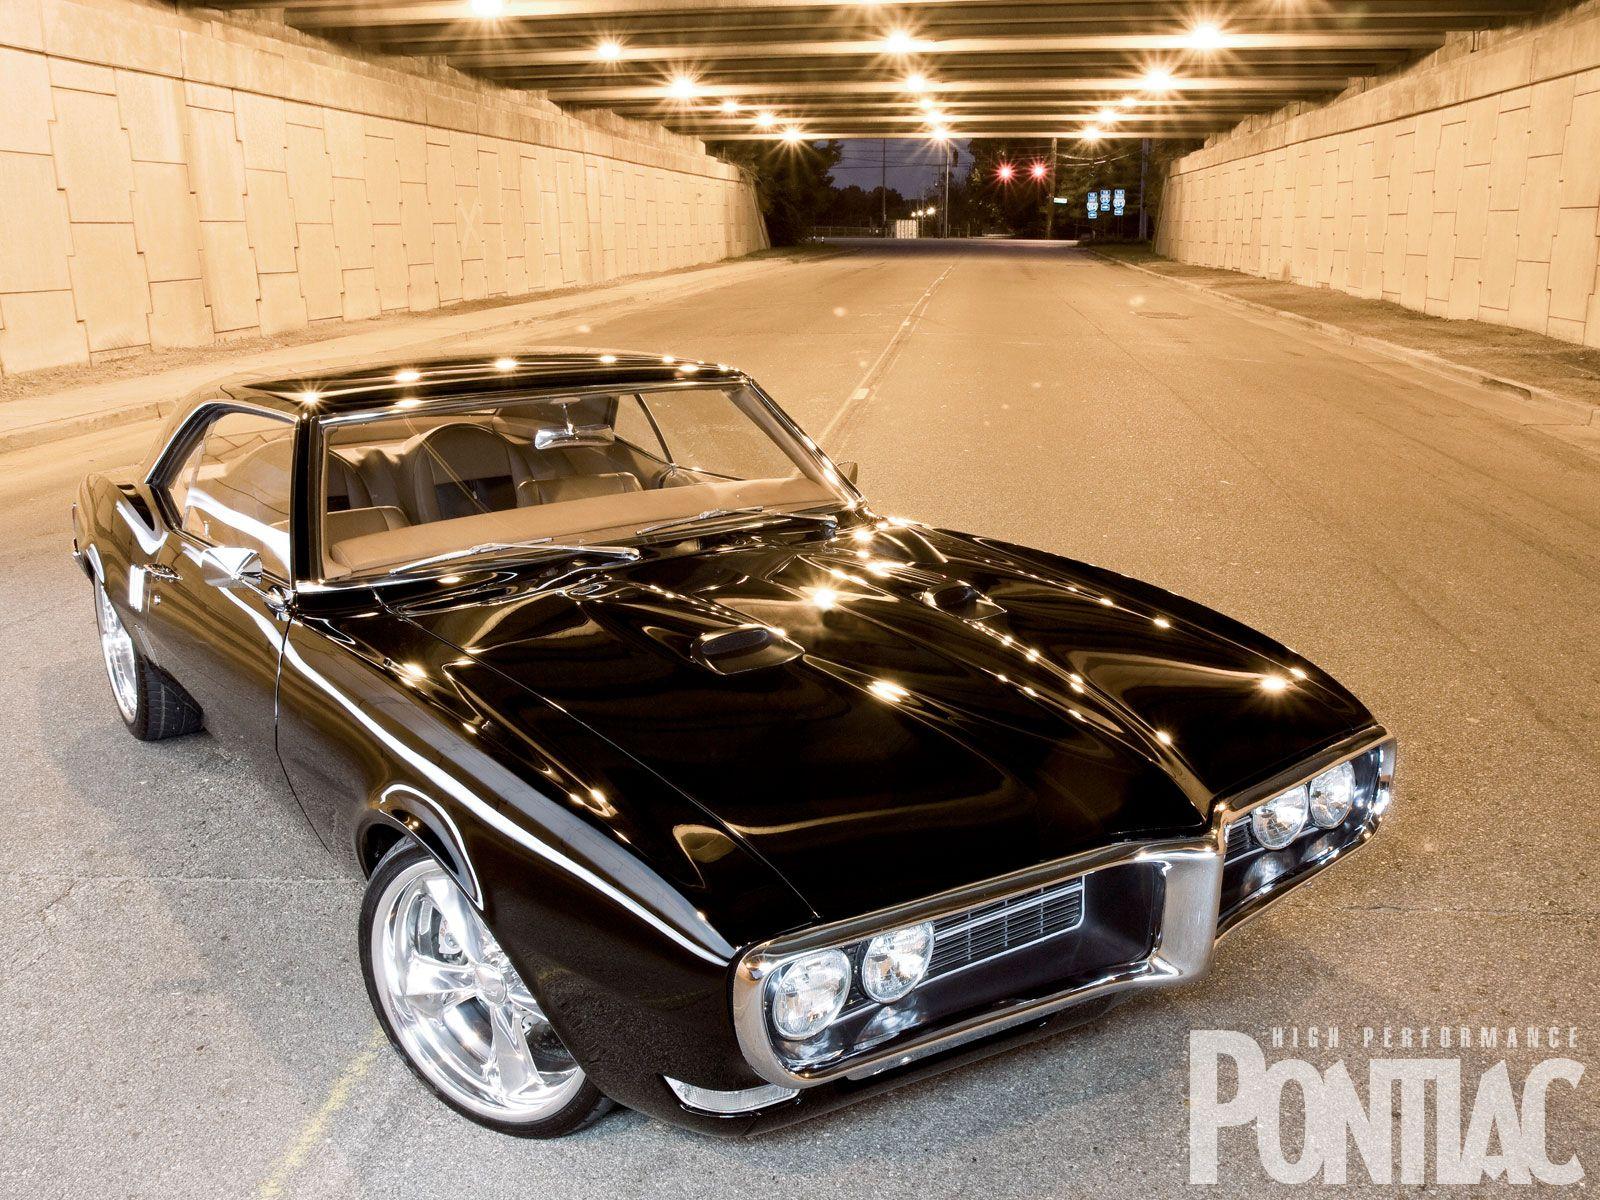 1967 firebird custom pontiac pinterest firebird cars and muscles